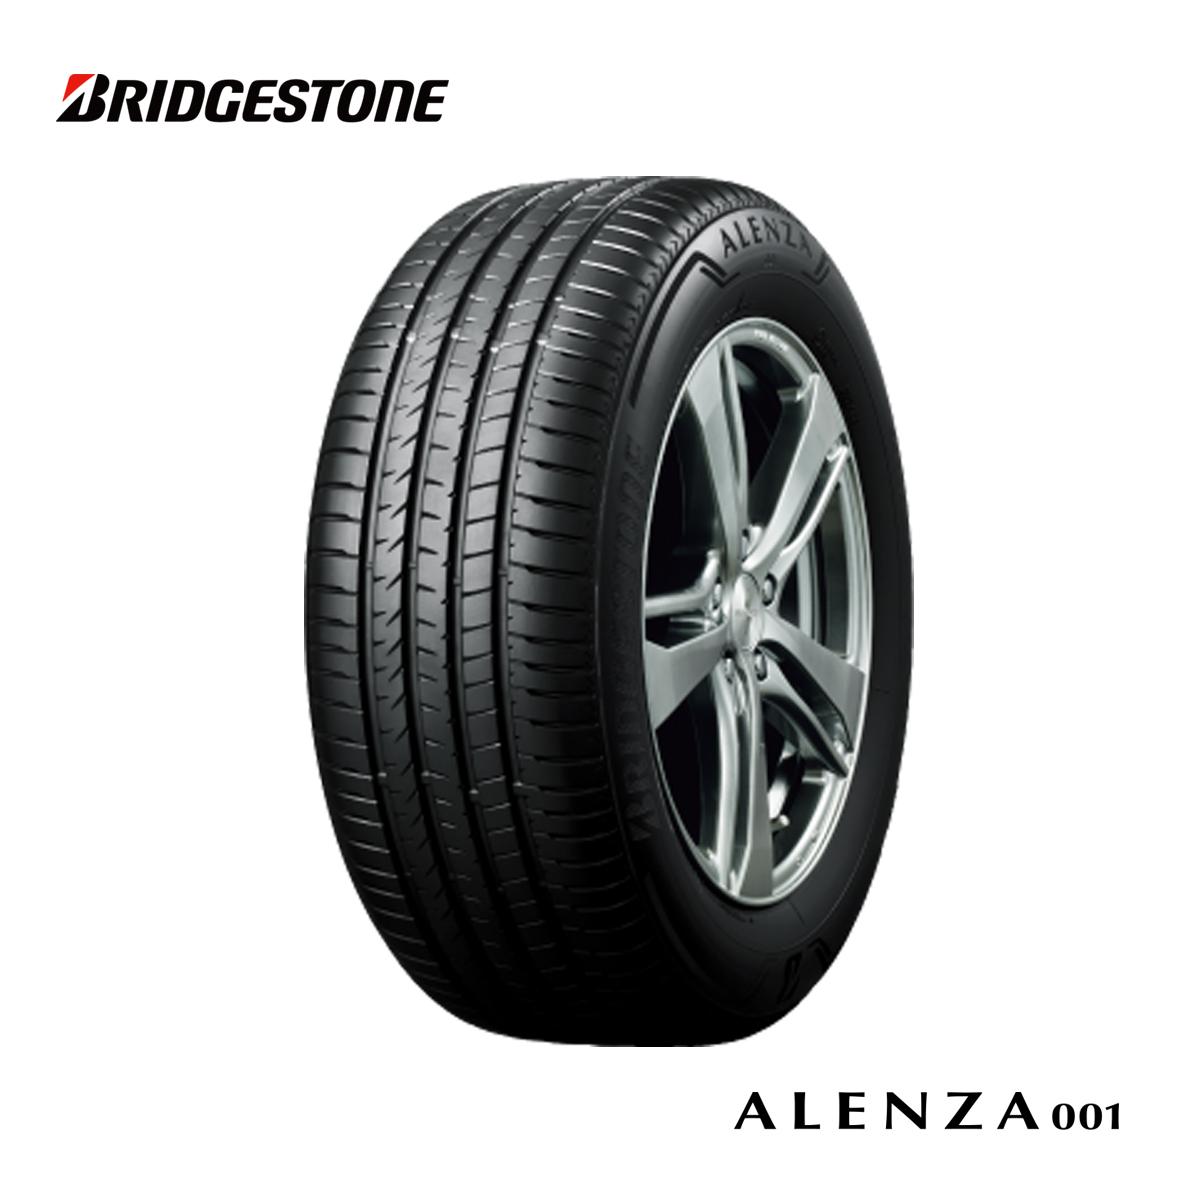 ブリヂストン BS 19インチ タイヤ 285/45R19 285 45 19 アレンザ サマー タイヤ 4本 SUV 夏 サマー タイヤ BRIDGESTONE ALENZA 001